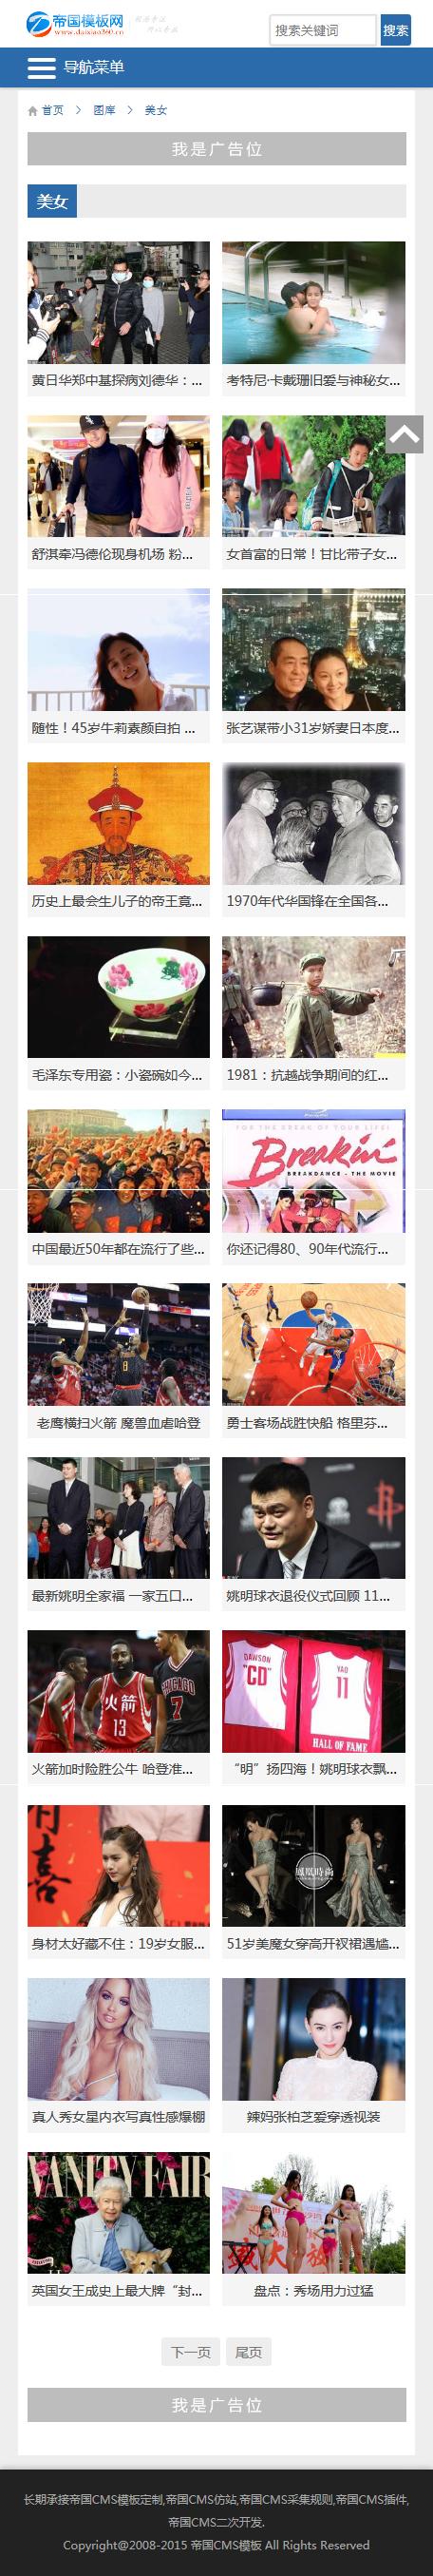 帝国cms自适应模板之蓝色新闻资讯类文章图库模板_手机版图片列表模板